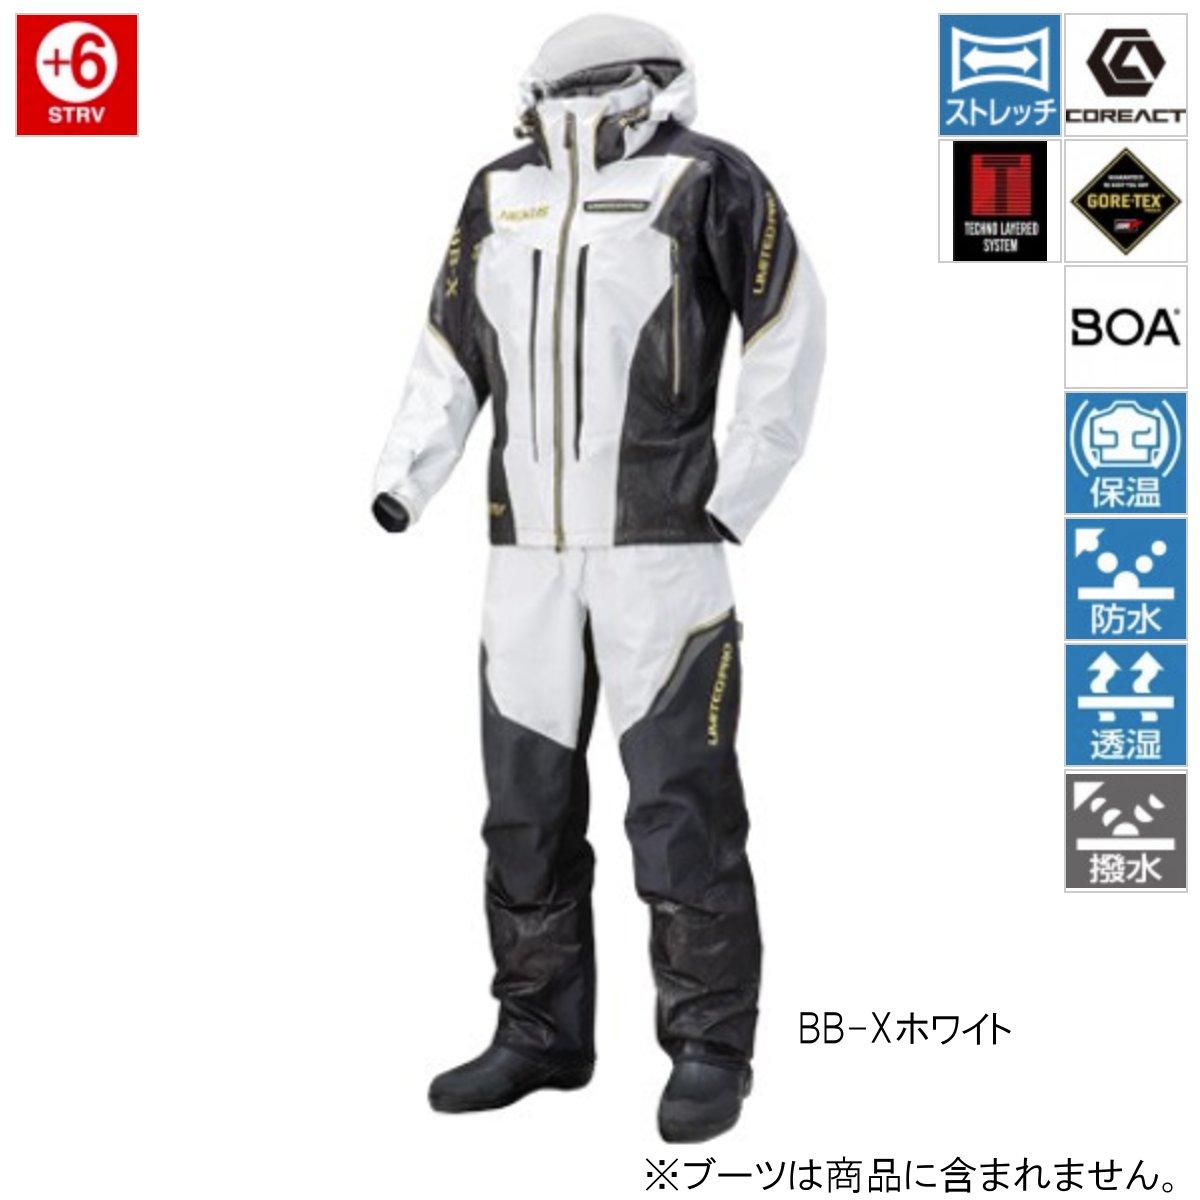 シマノ NEXUS・GORE-TEXプロテクトスーツ LIMITED PRO RT-112R 2XL BB-Xホワイト